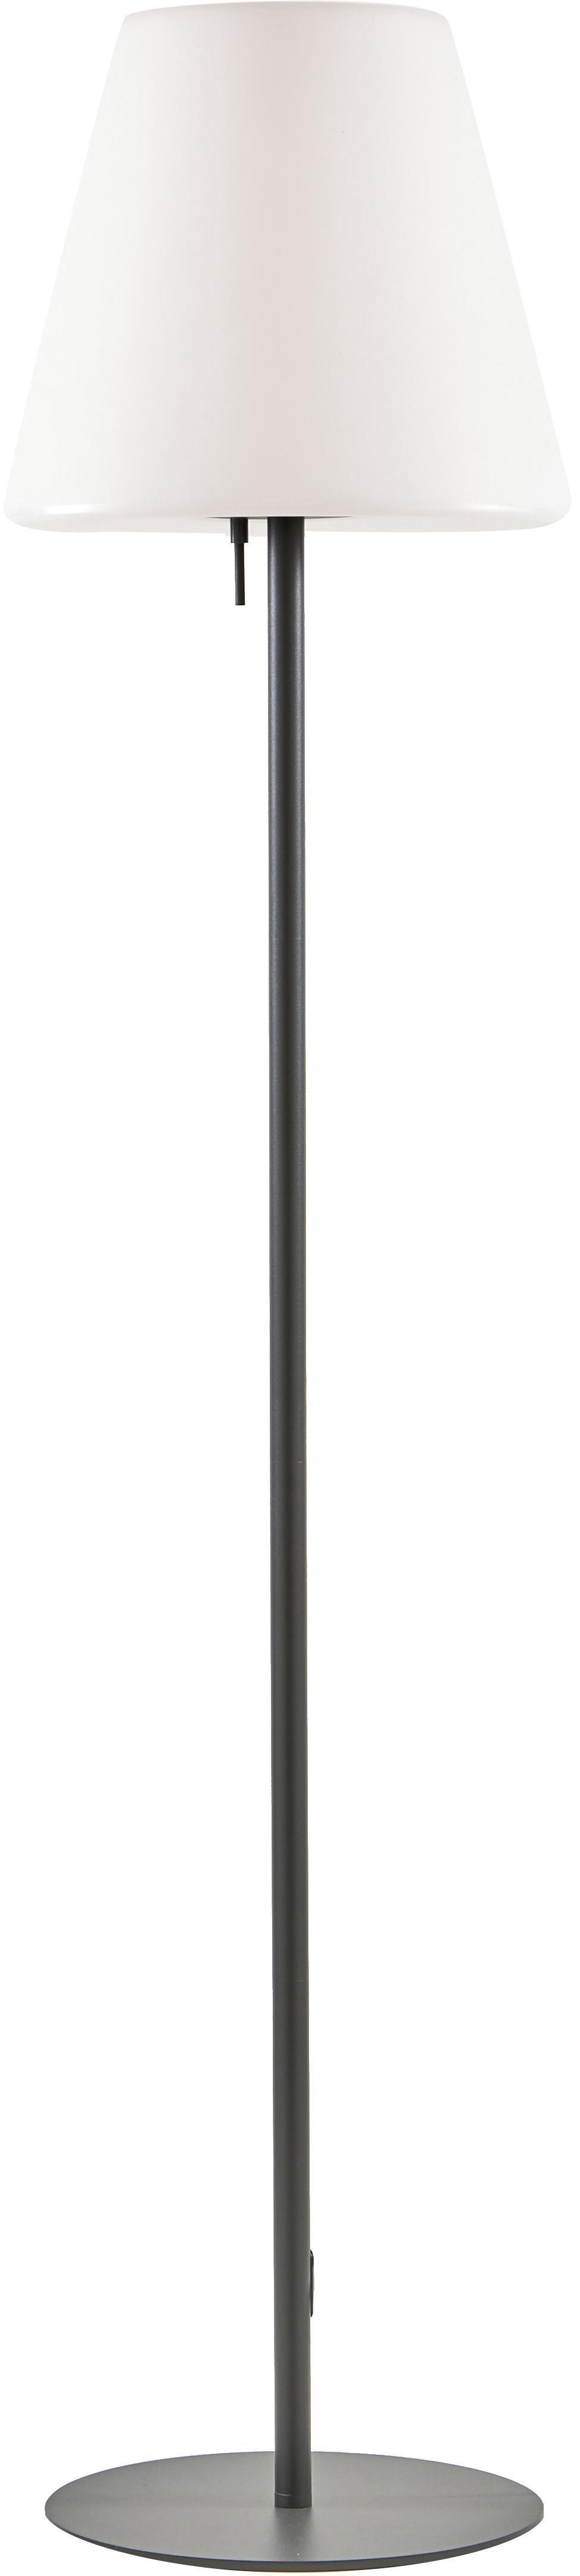 Lámpara para exterior Gaze, portátil, Pantalla: plástico, Base de la lámpara: aluminio anodizado, Blanco, gris oscuro, Ø 35 x Al 150 cm